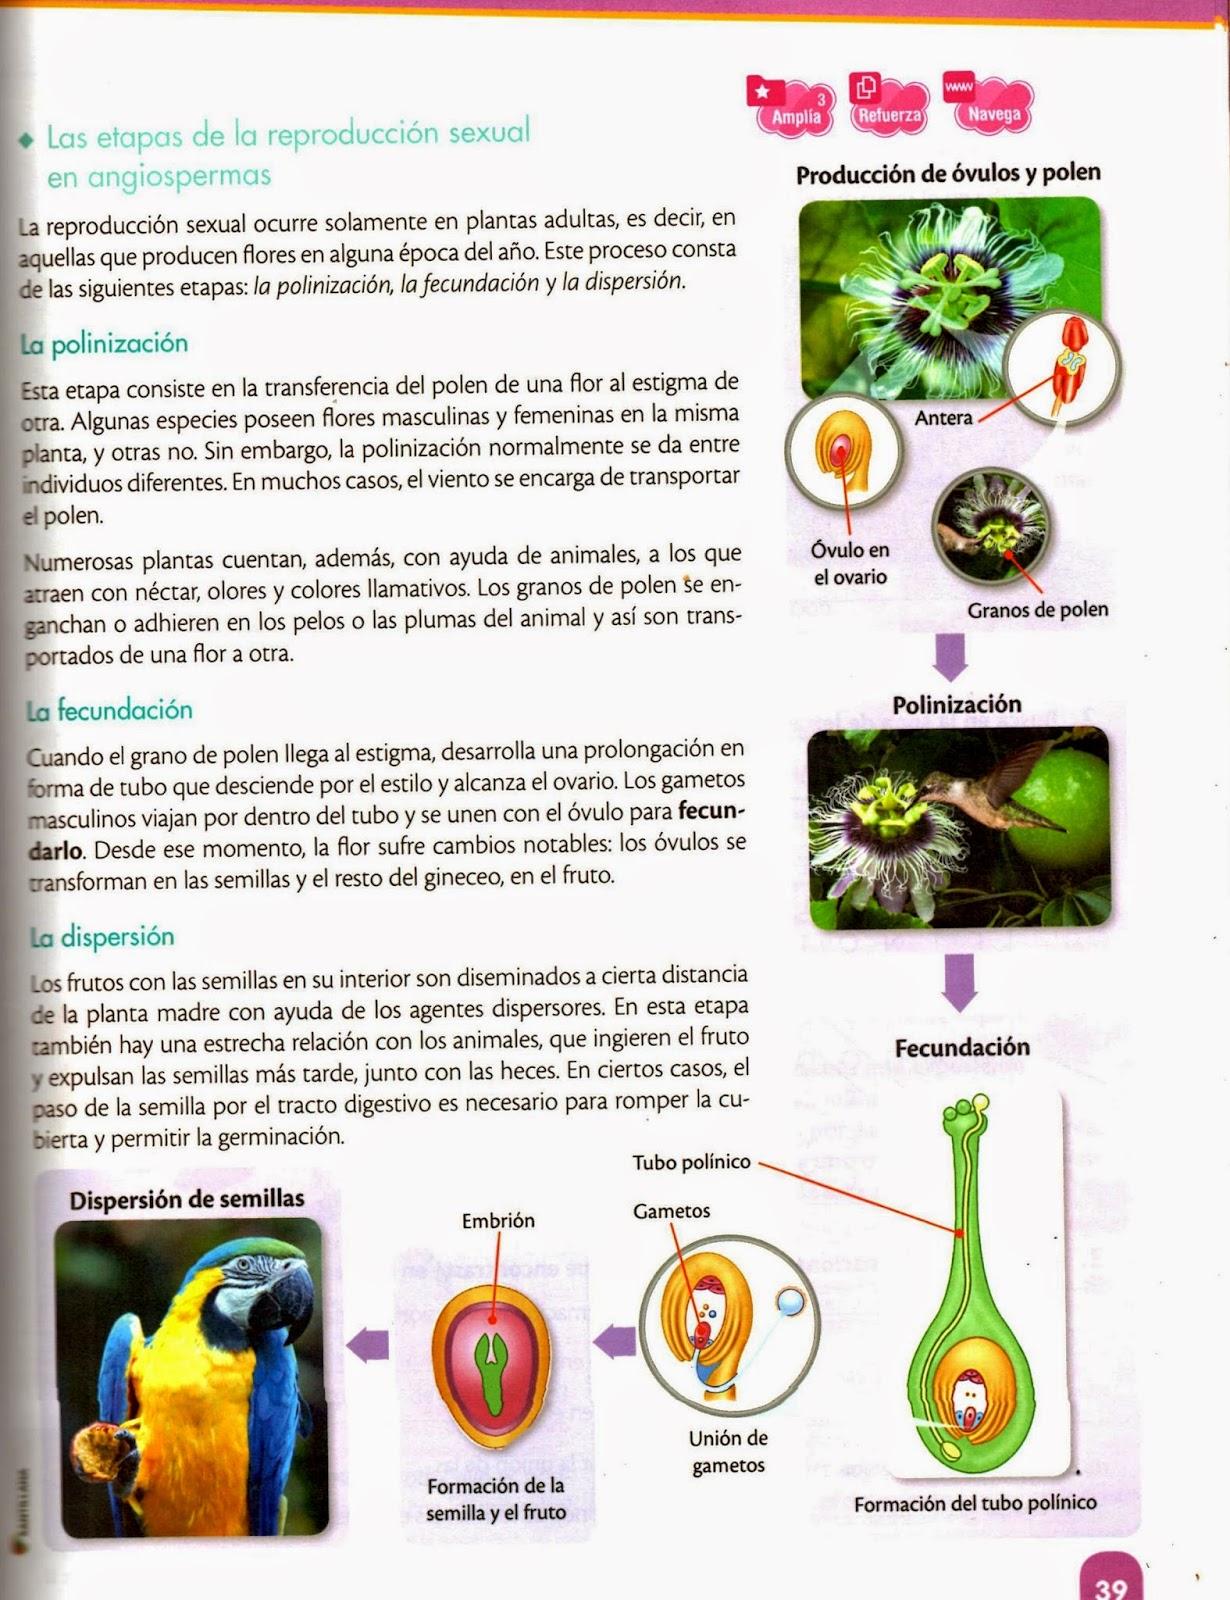 Como es el proceso de reproduccion sexual de las plantas